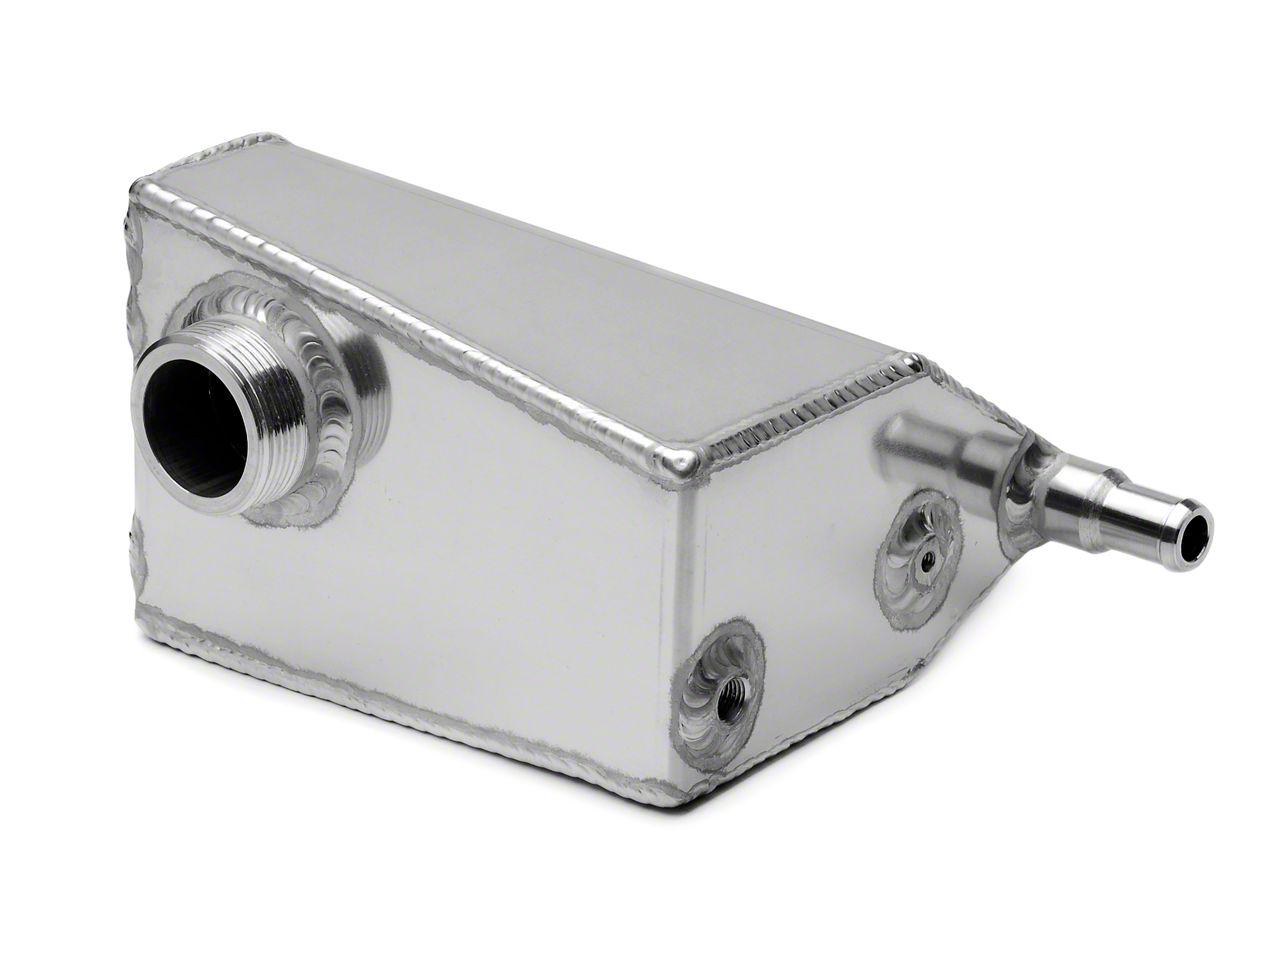 Canton Aluminum Coolant Expansion Tank for Vortech/Paxton Superchargers (05-09 GT)